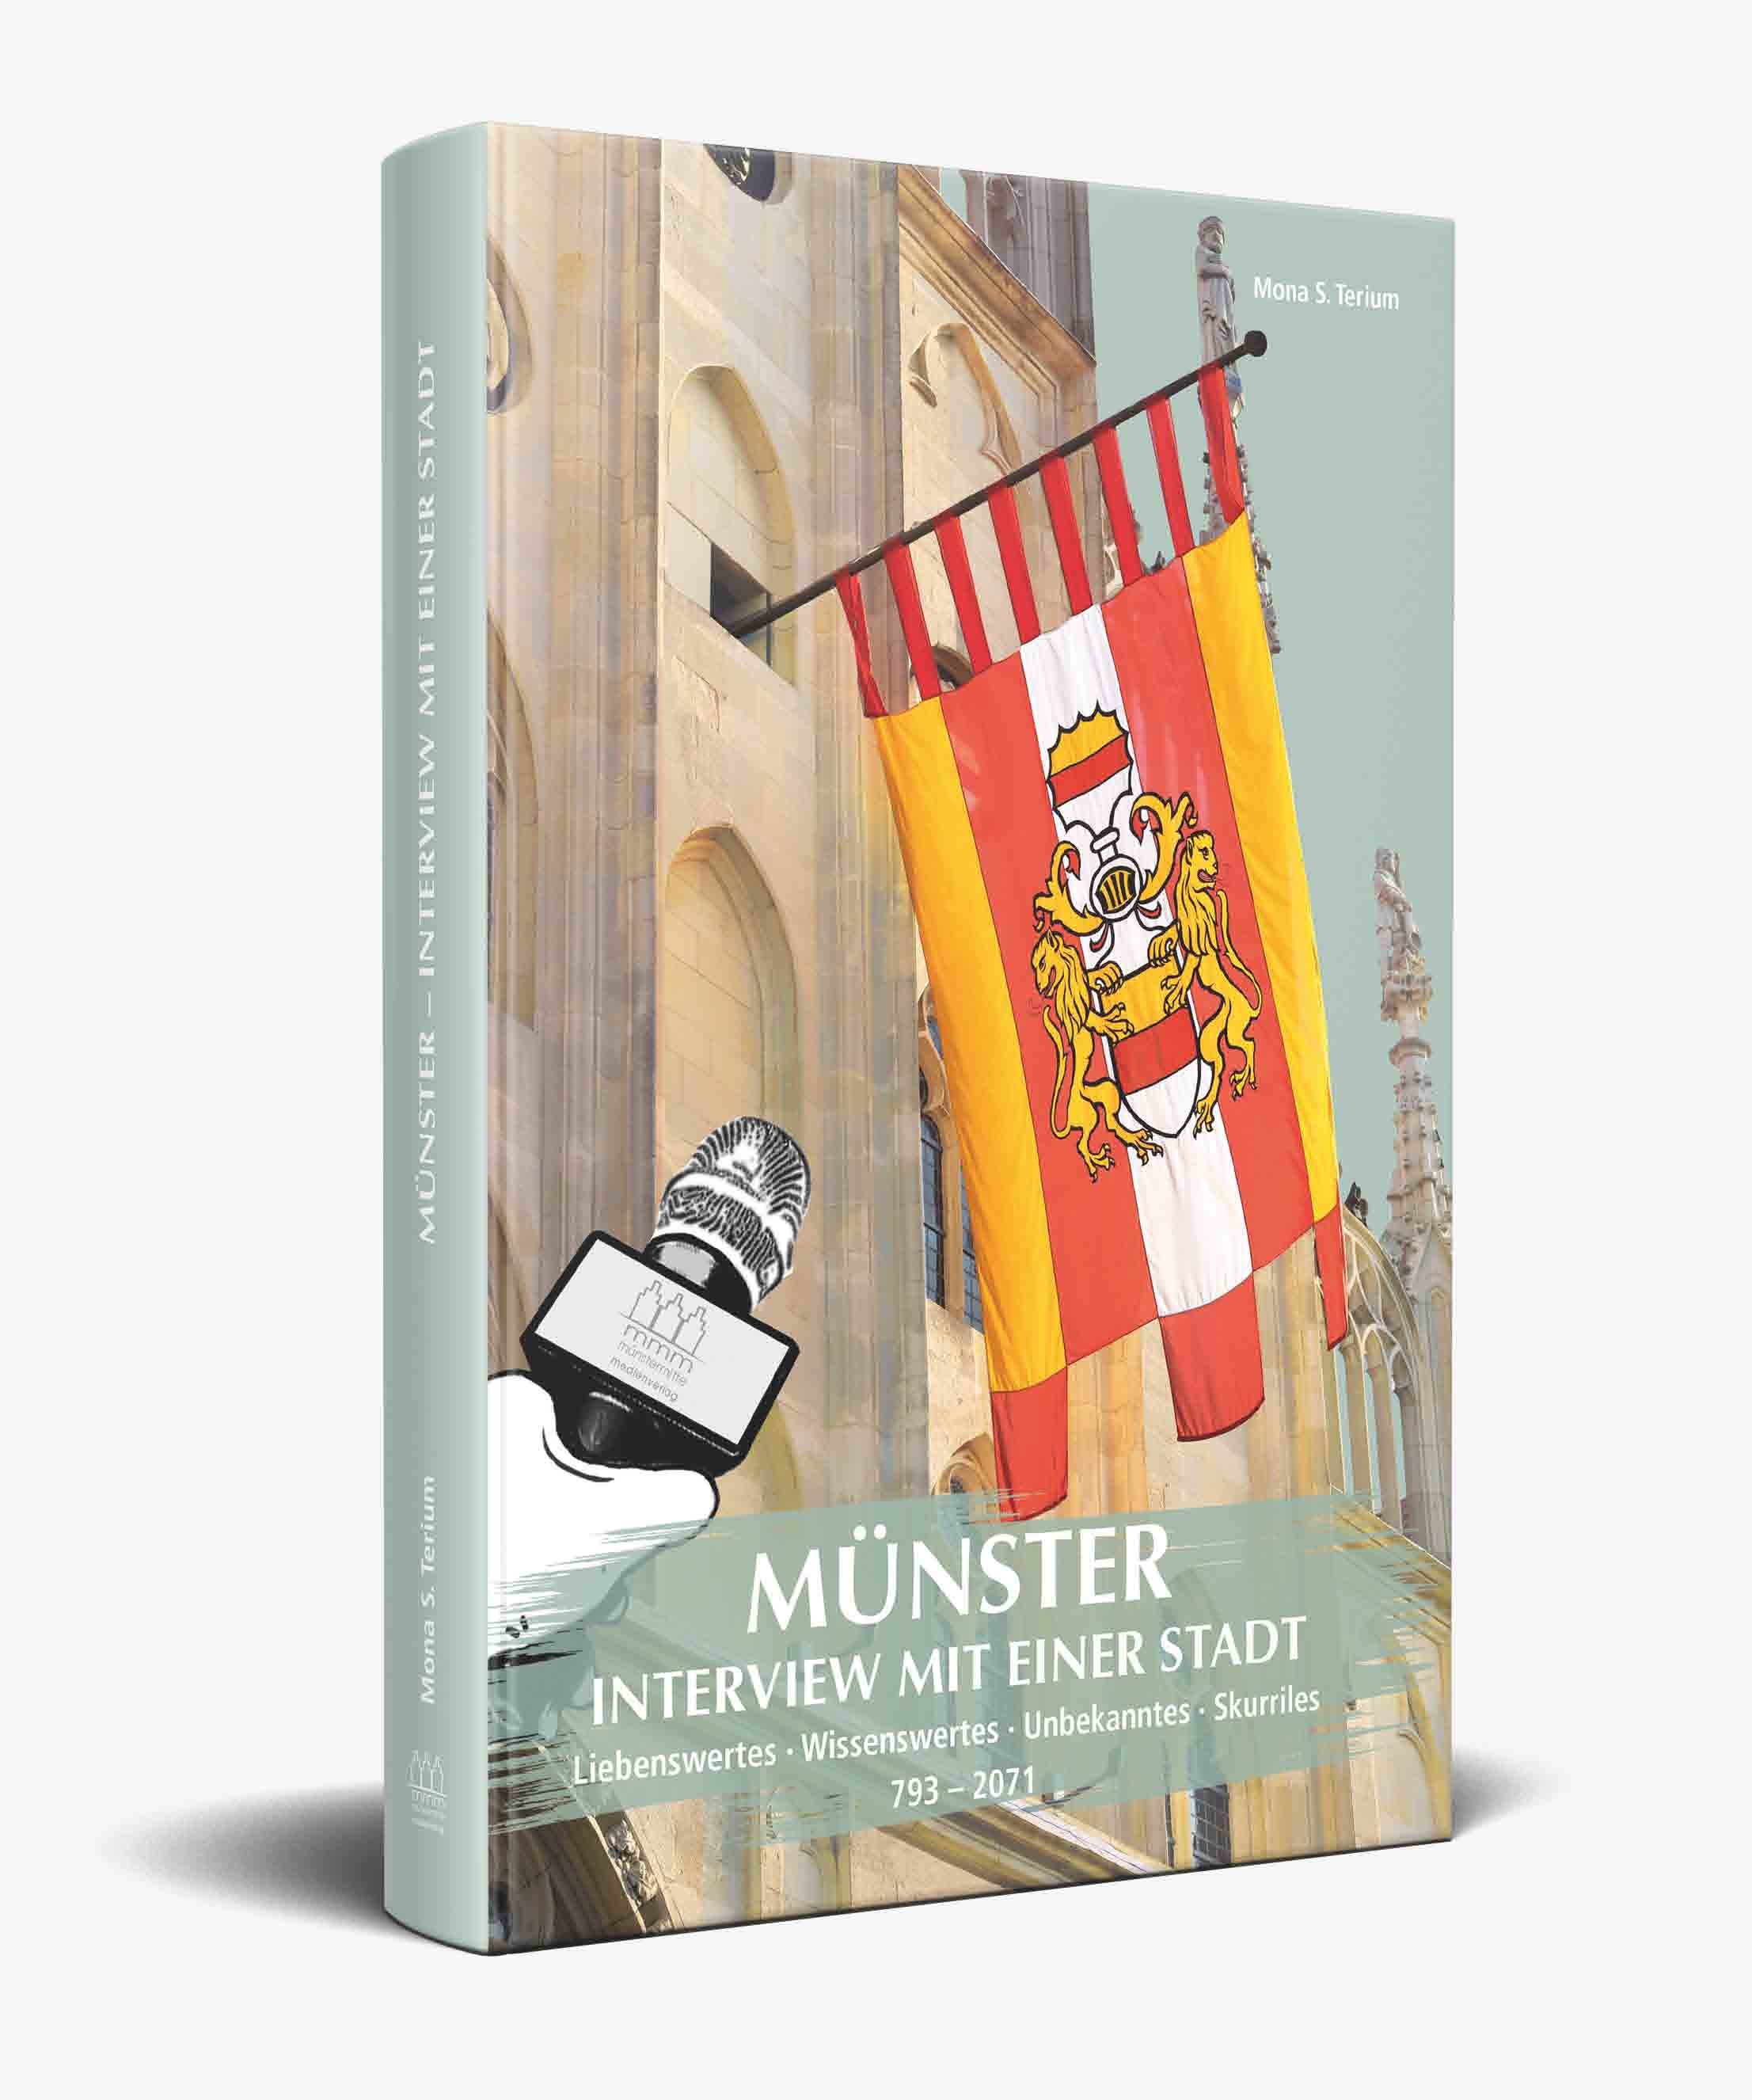 Münster - Interview mit einer Stadt